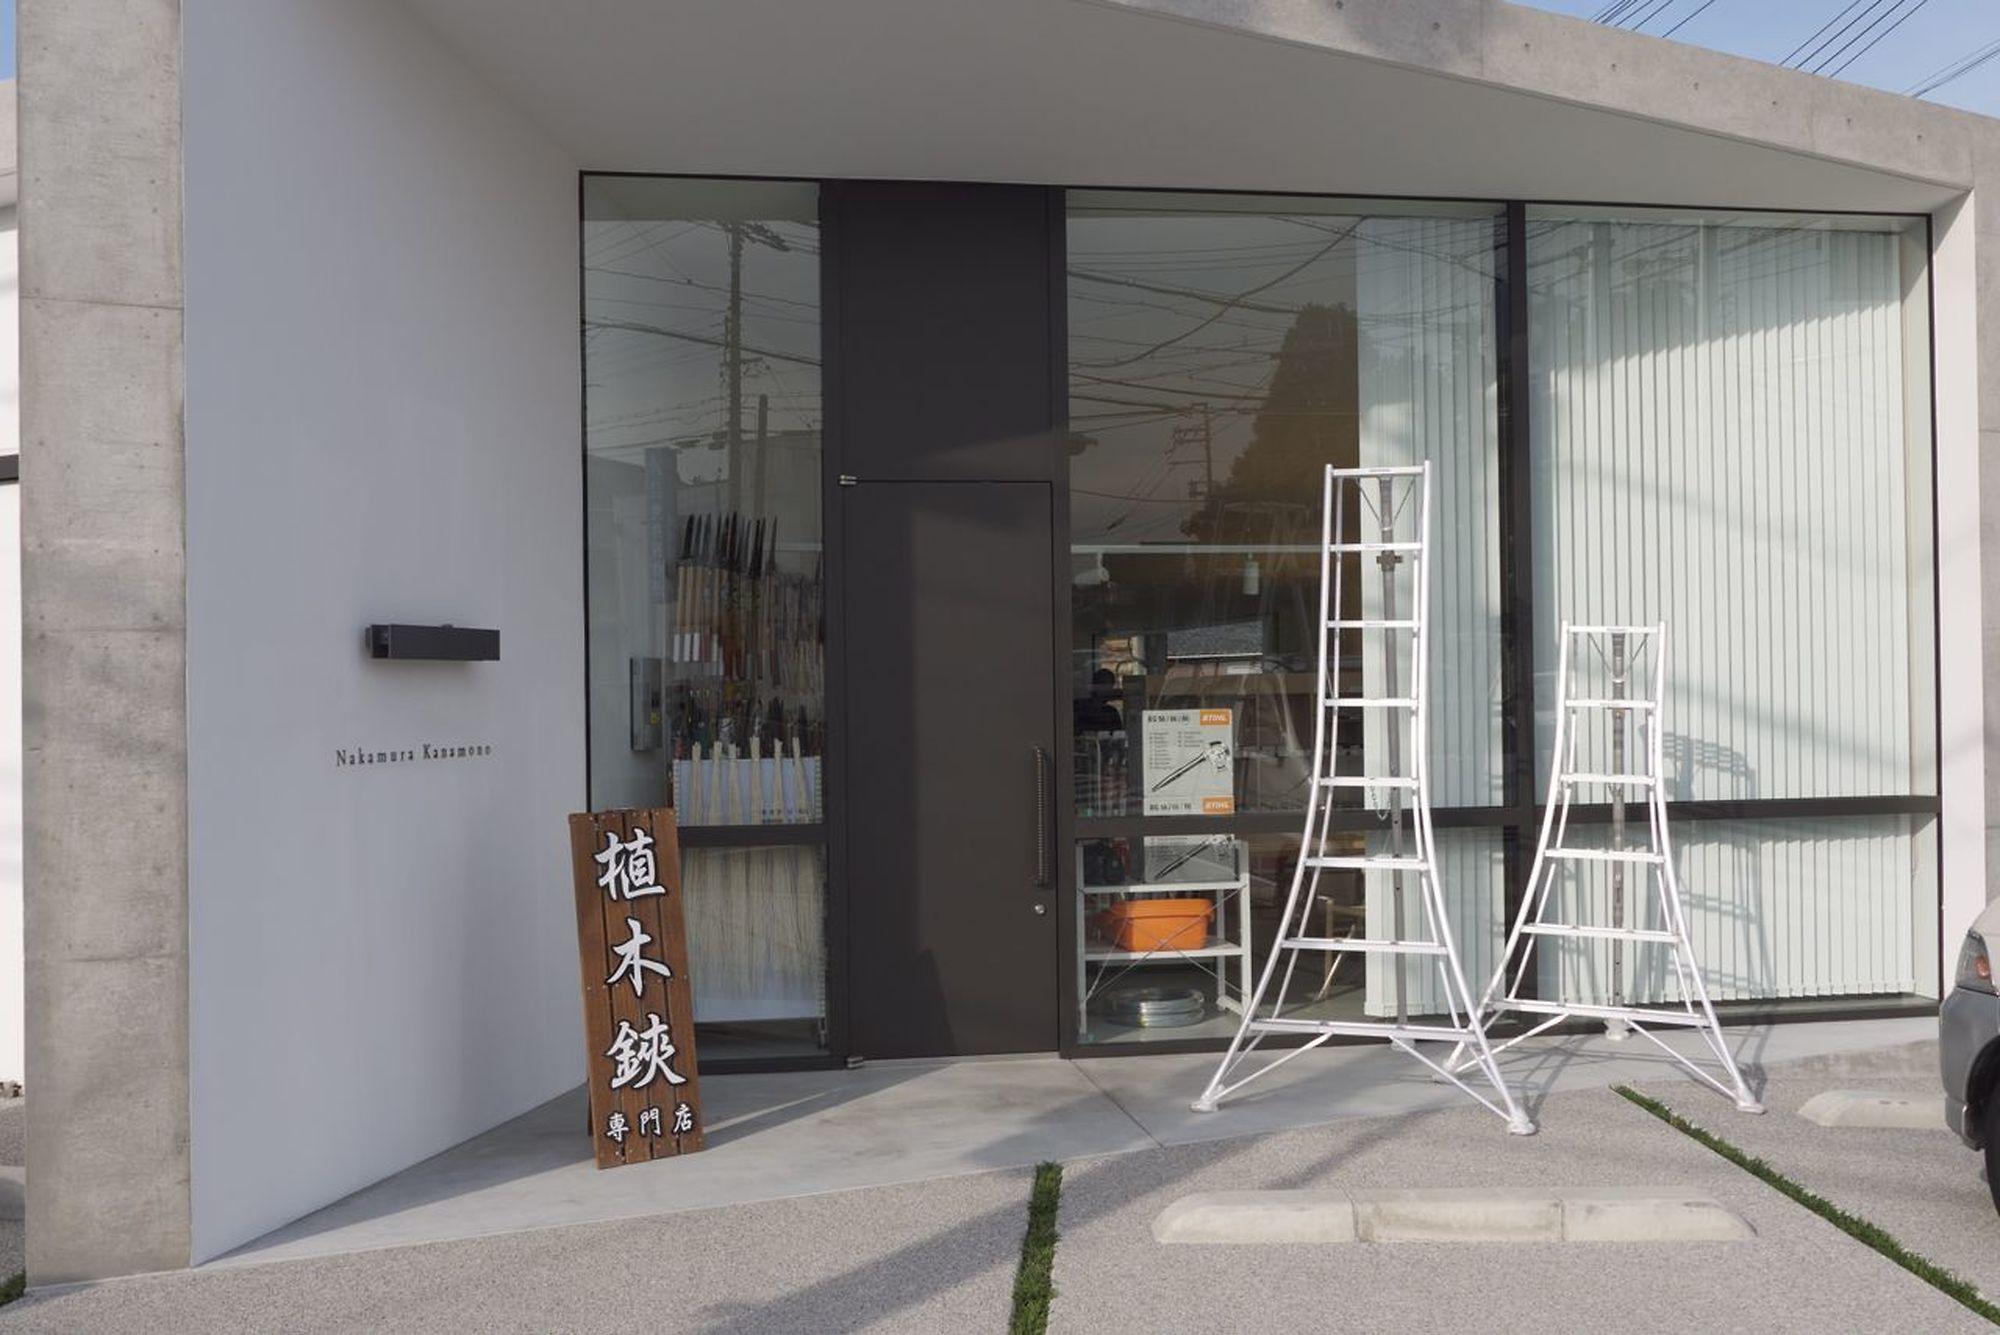 niwaki shop